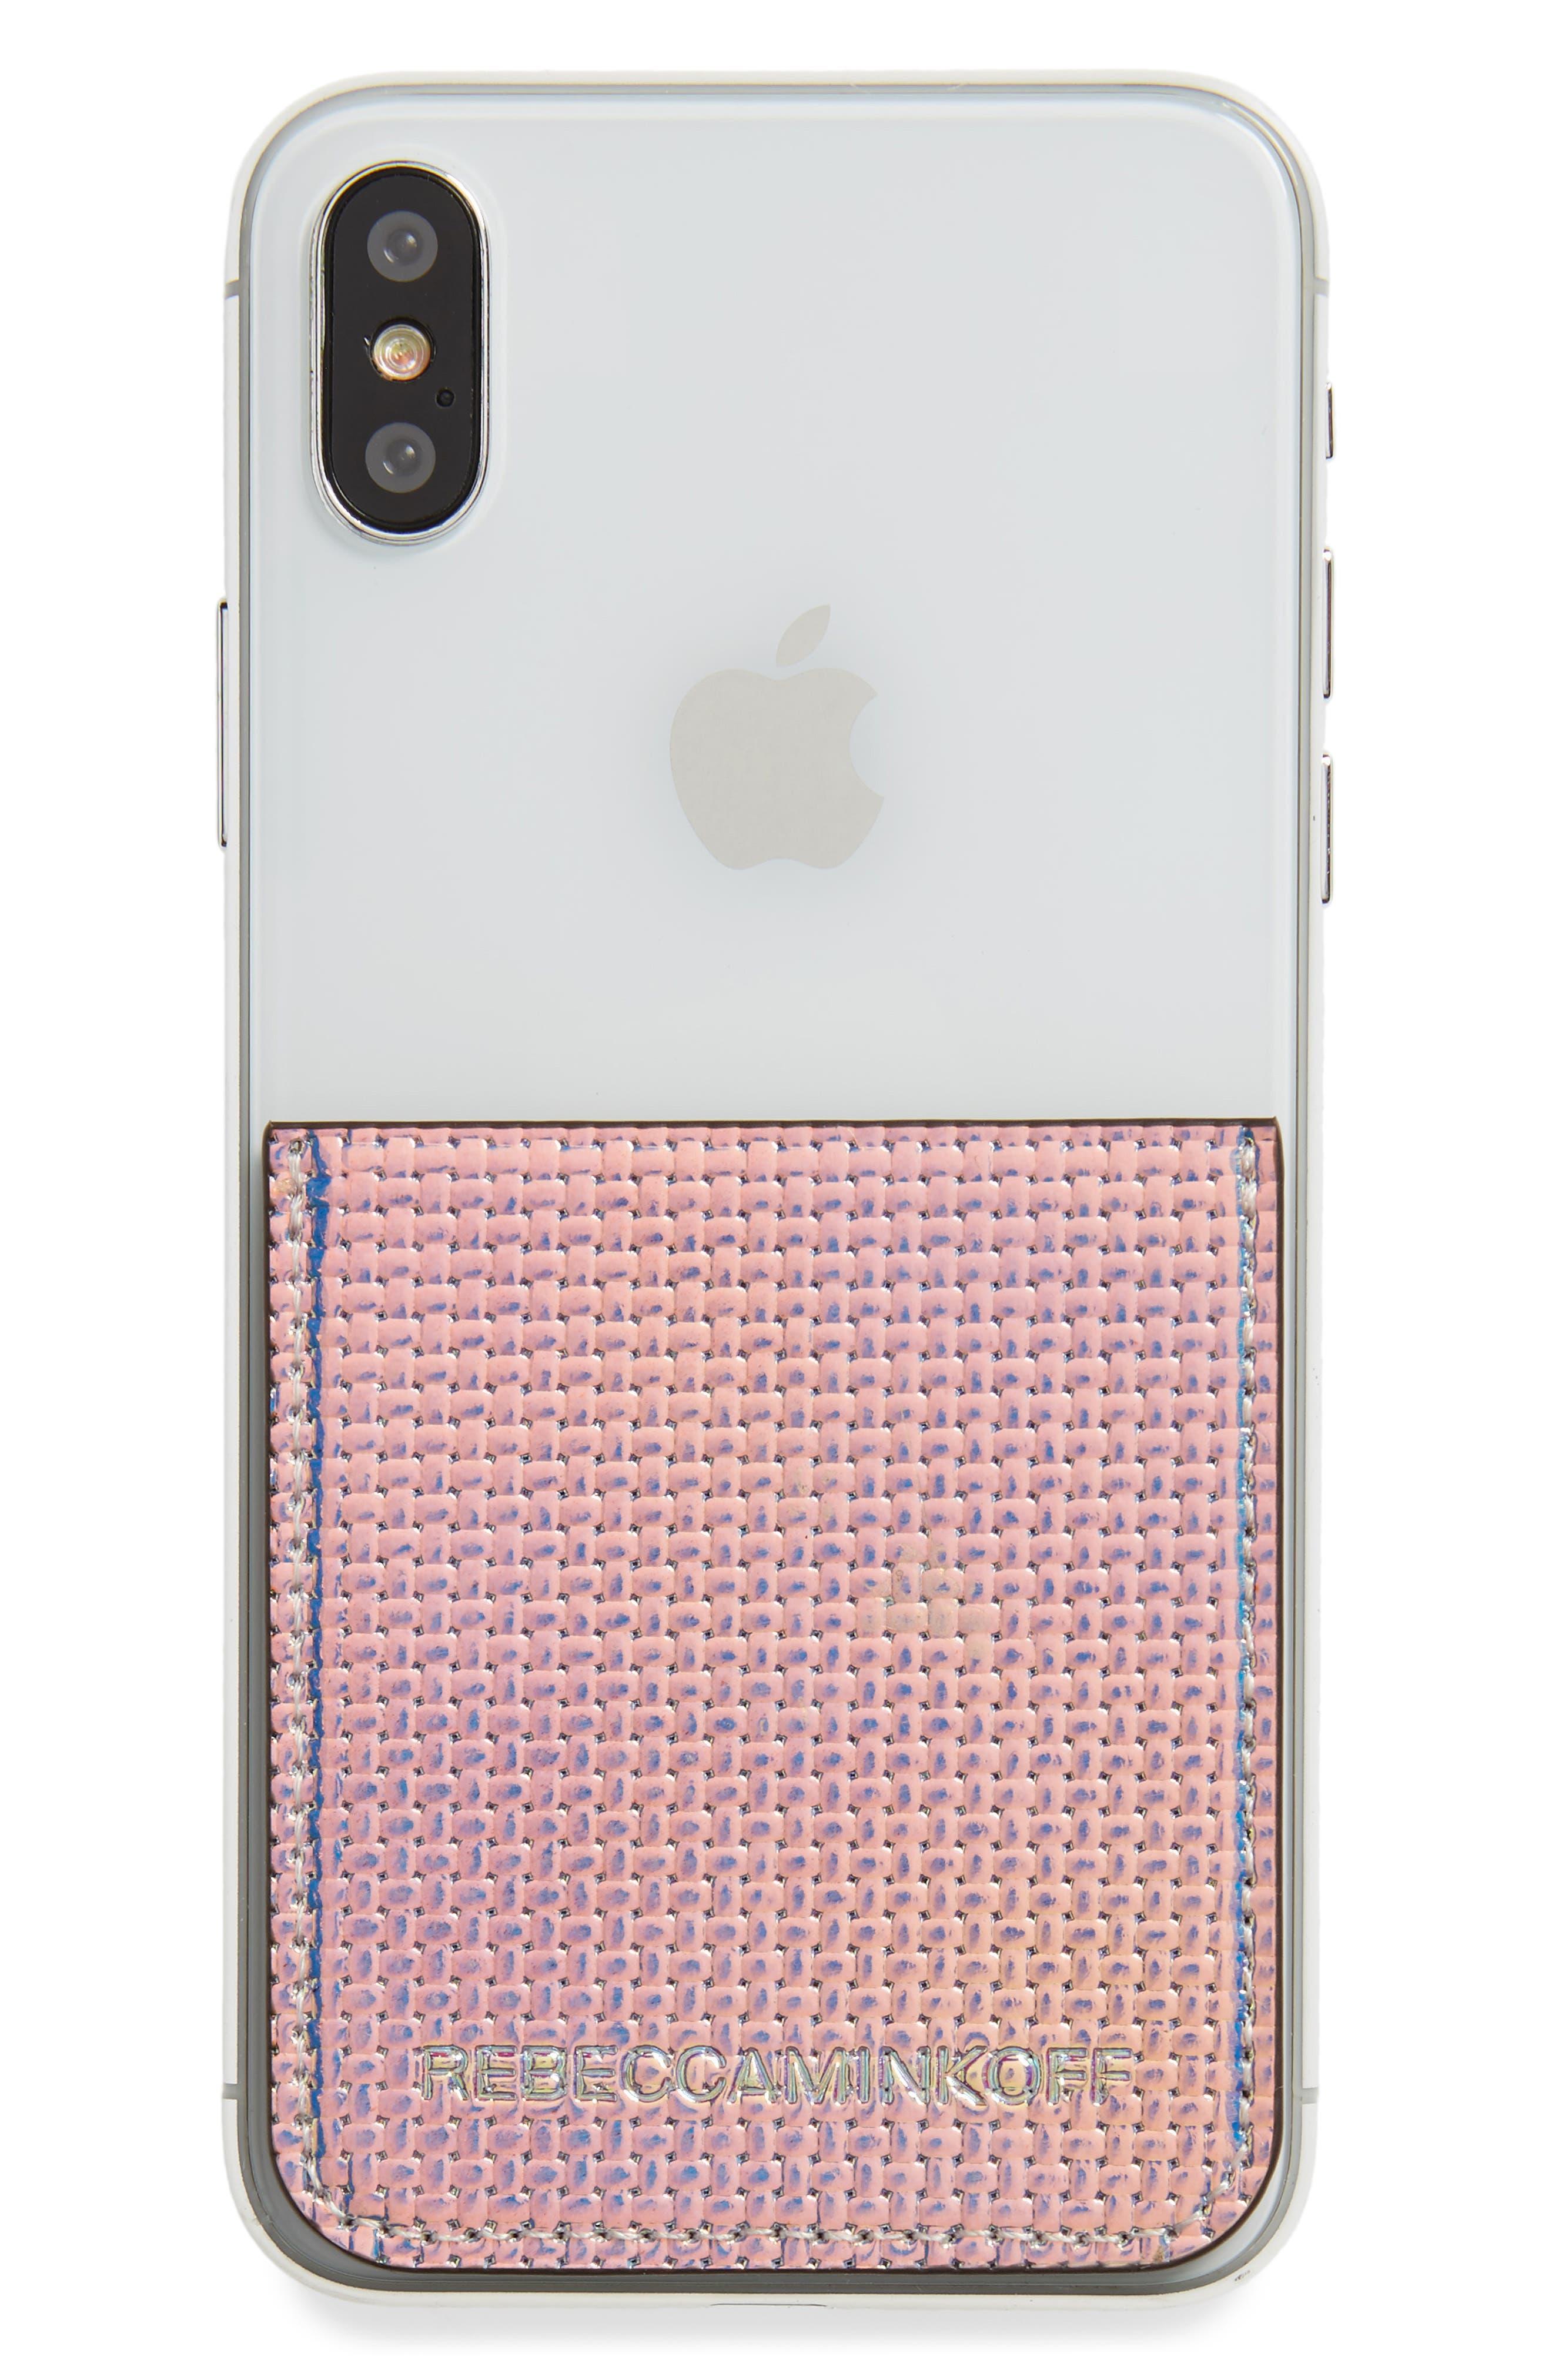 Adhesive Phone Sticker Pocket,                             Main thumbnail 1, color,                             300